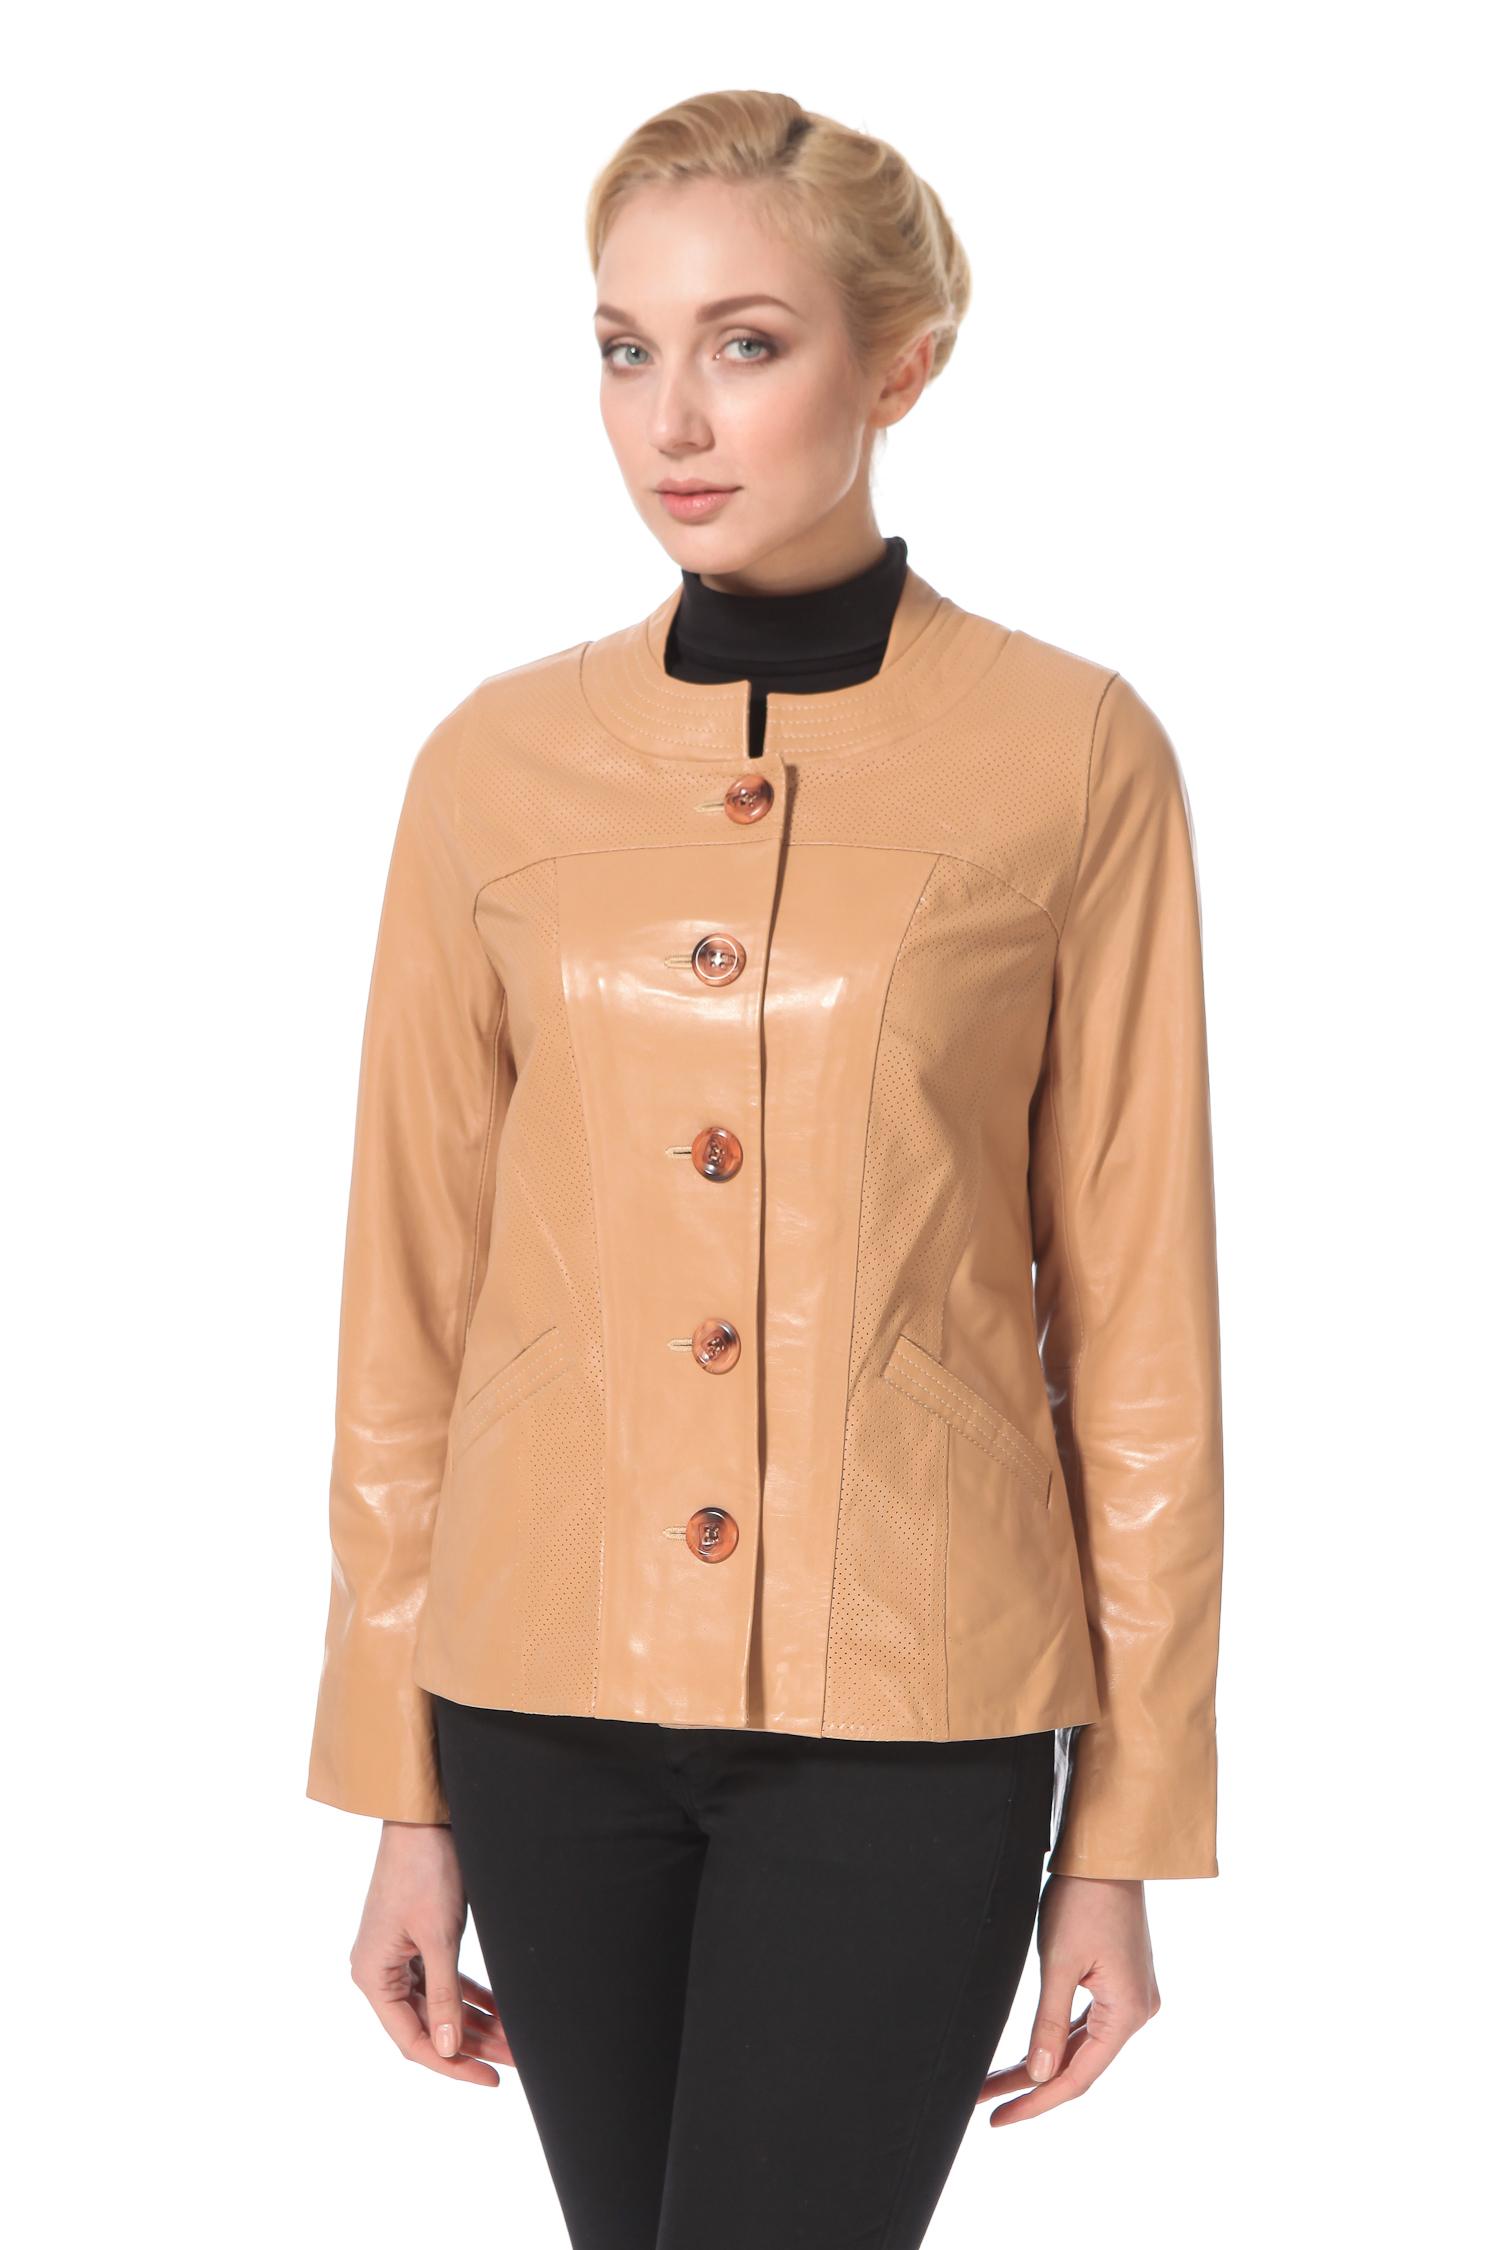 Женская кожаная куртка из натуральной кожи, без отделки<br><br>Длина см: Короткая (51-74 )<br>Материал: Кожа овчина<br>Цвет: желтый<br>Застежка: на пуговицы<br>Пол: Женский<br>Размер RU: 46